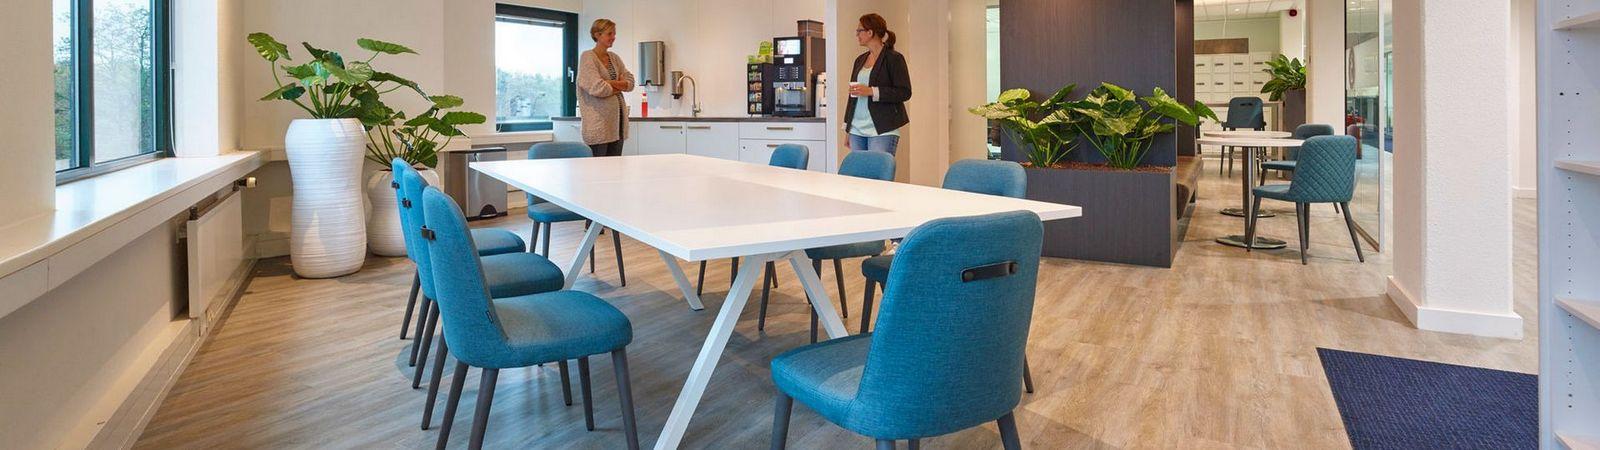 Perla tafels panorama 03